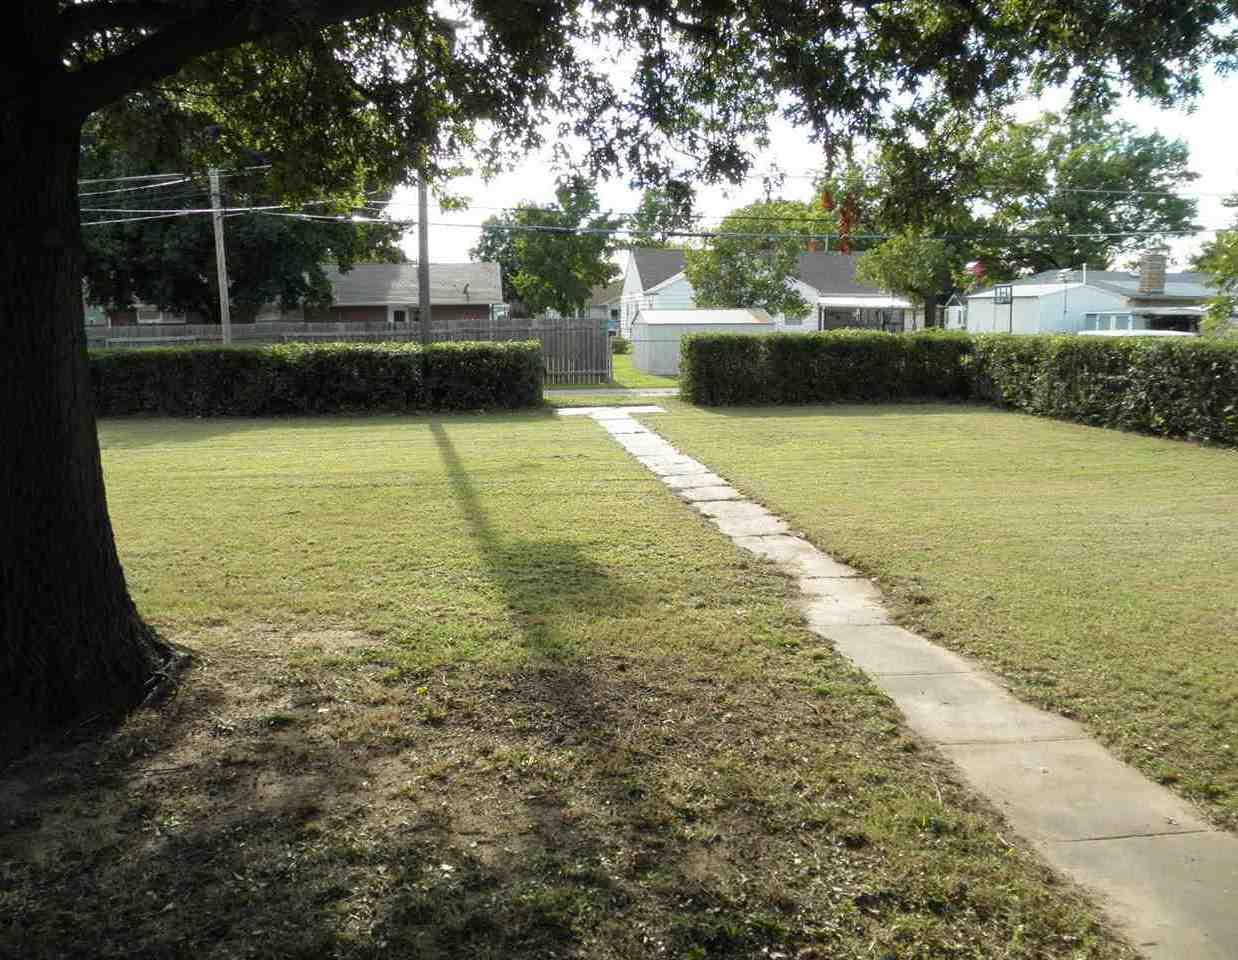 Sold Cross Sale W/ MLS | 1227 S Main  Blackwell, OK 74631 26